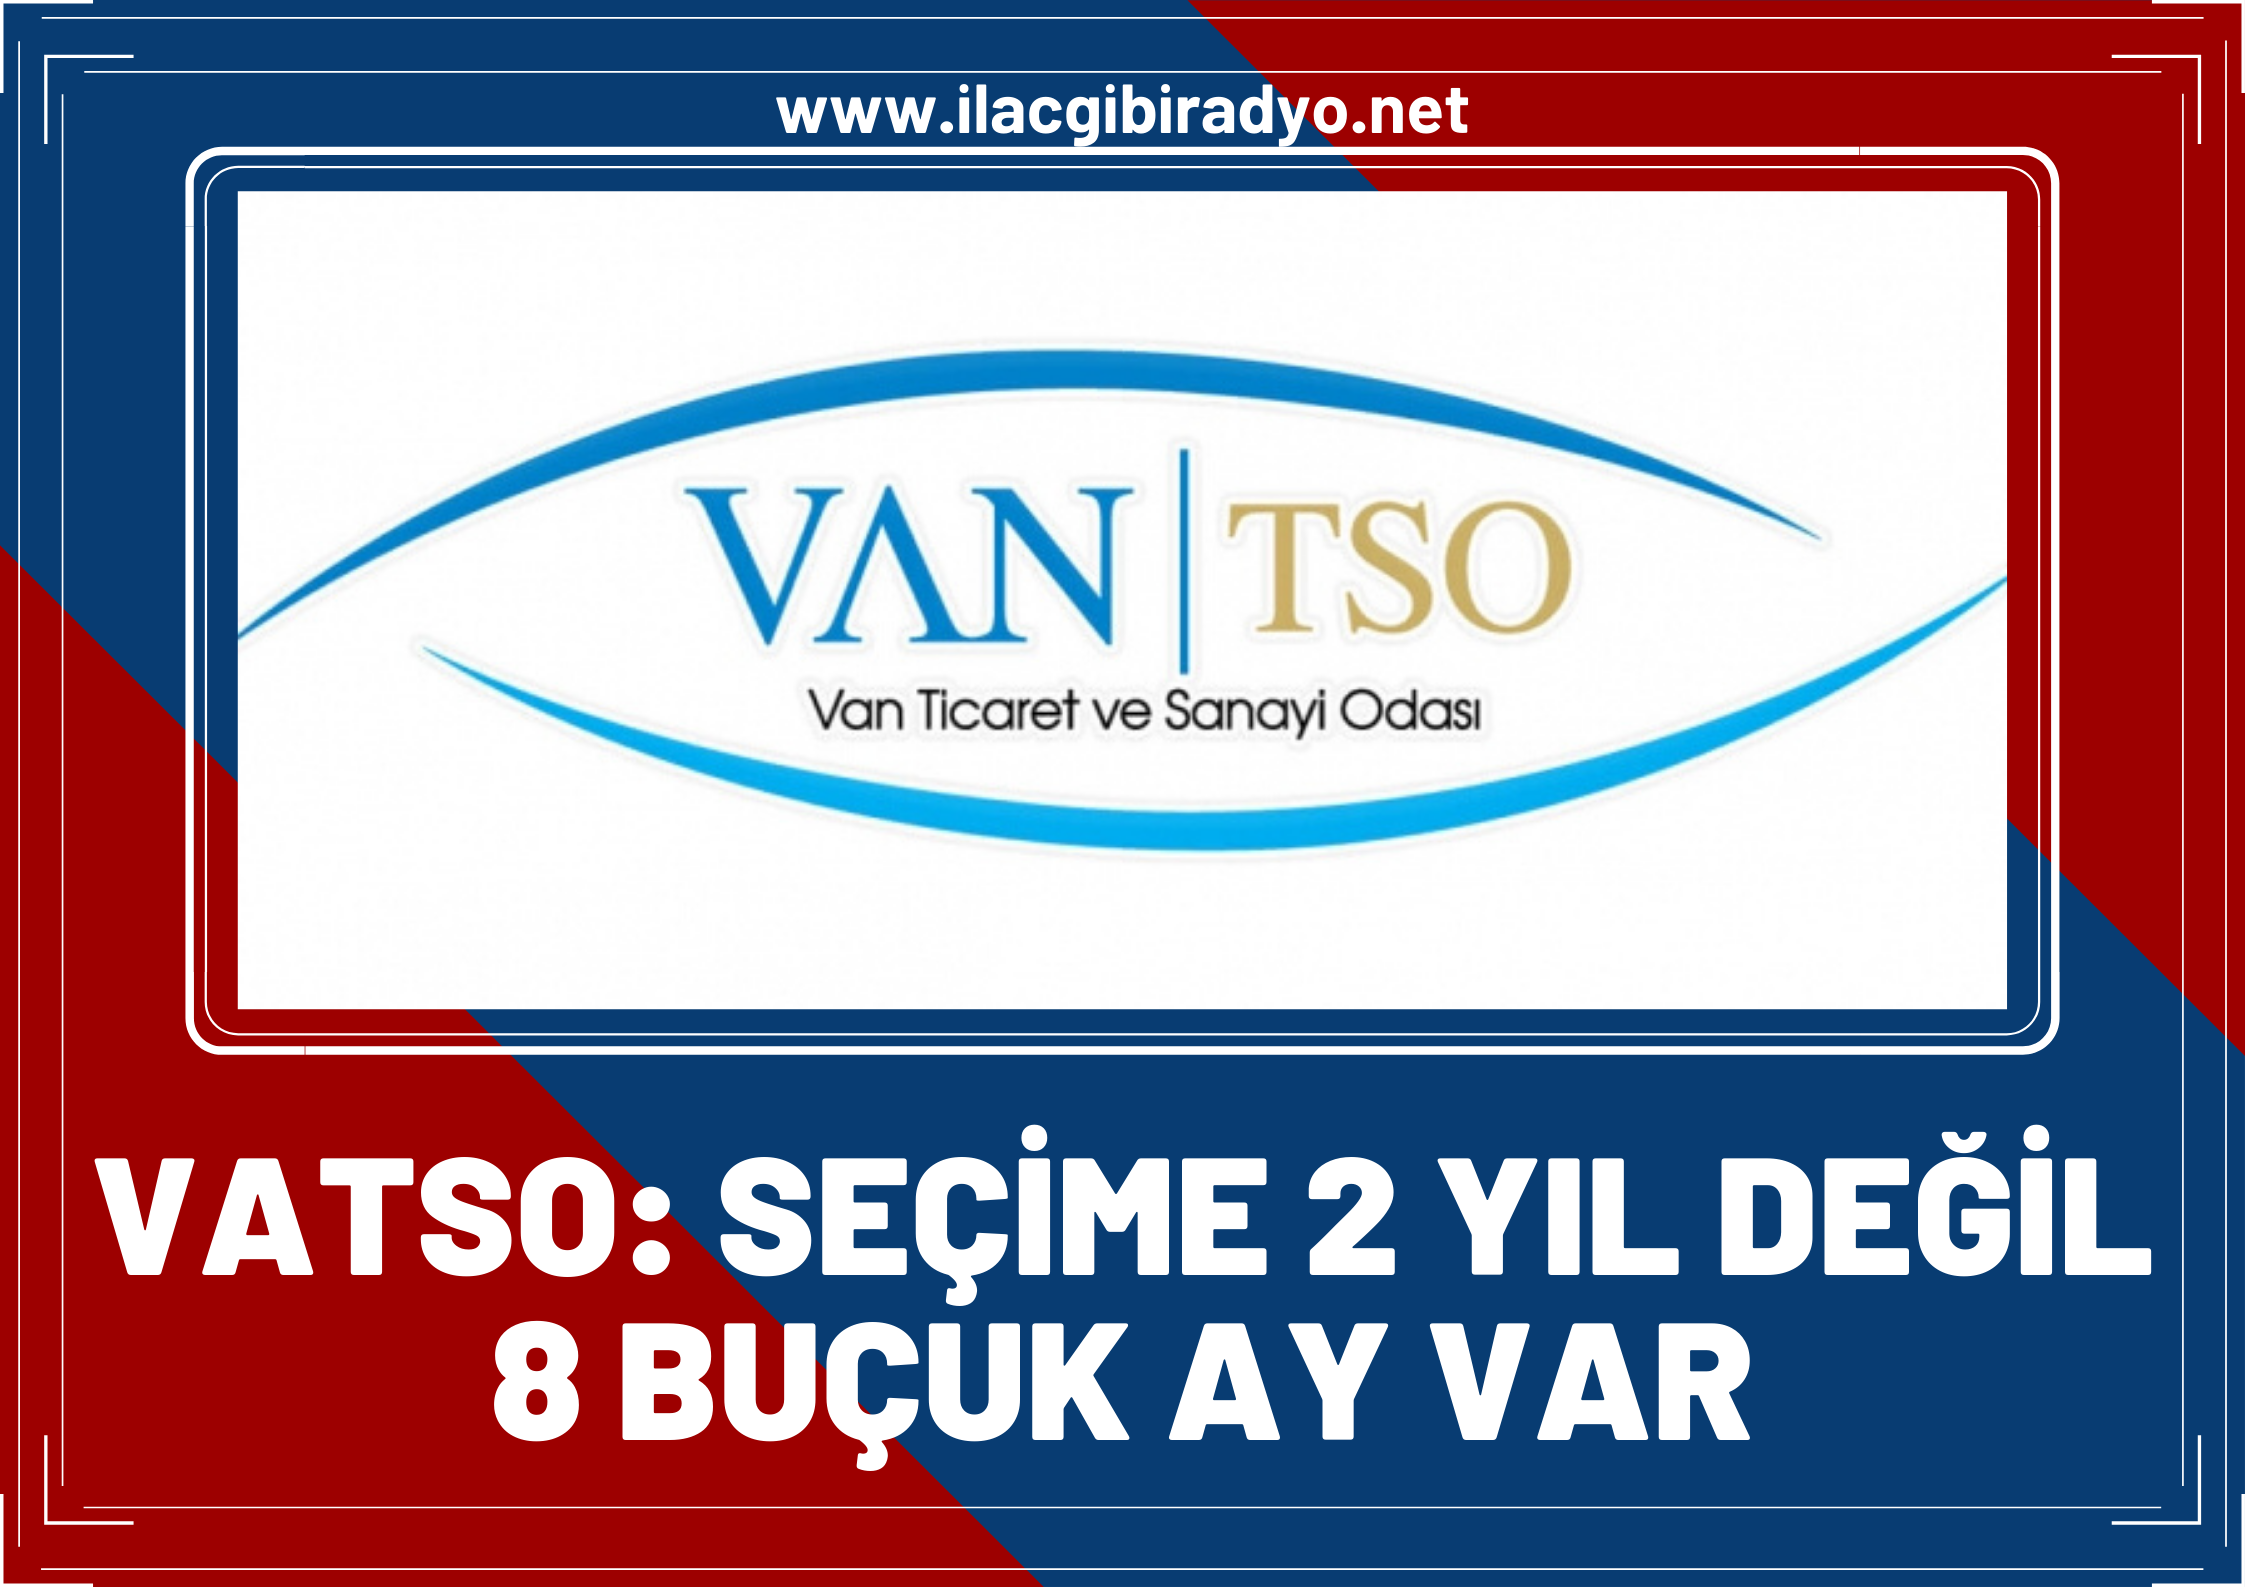 VATSO'dan VANTSO seçimleri ile ilgili açıklama